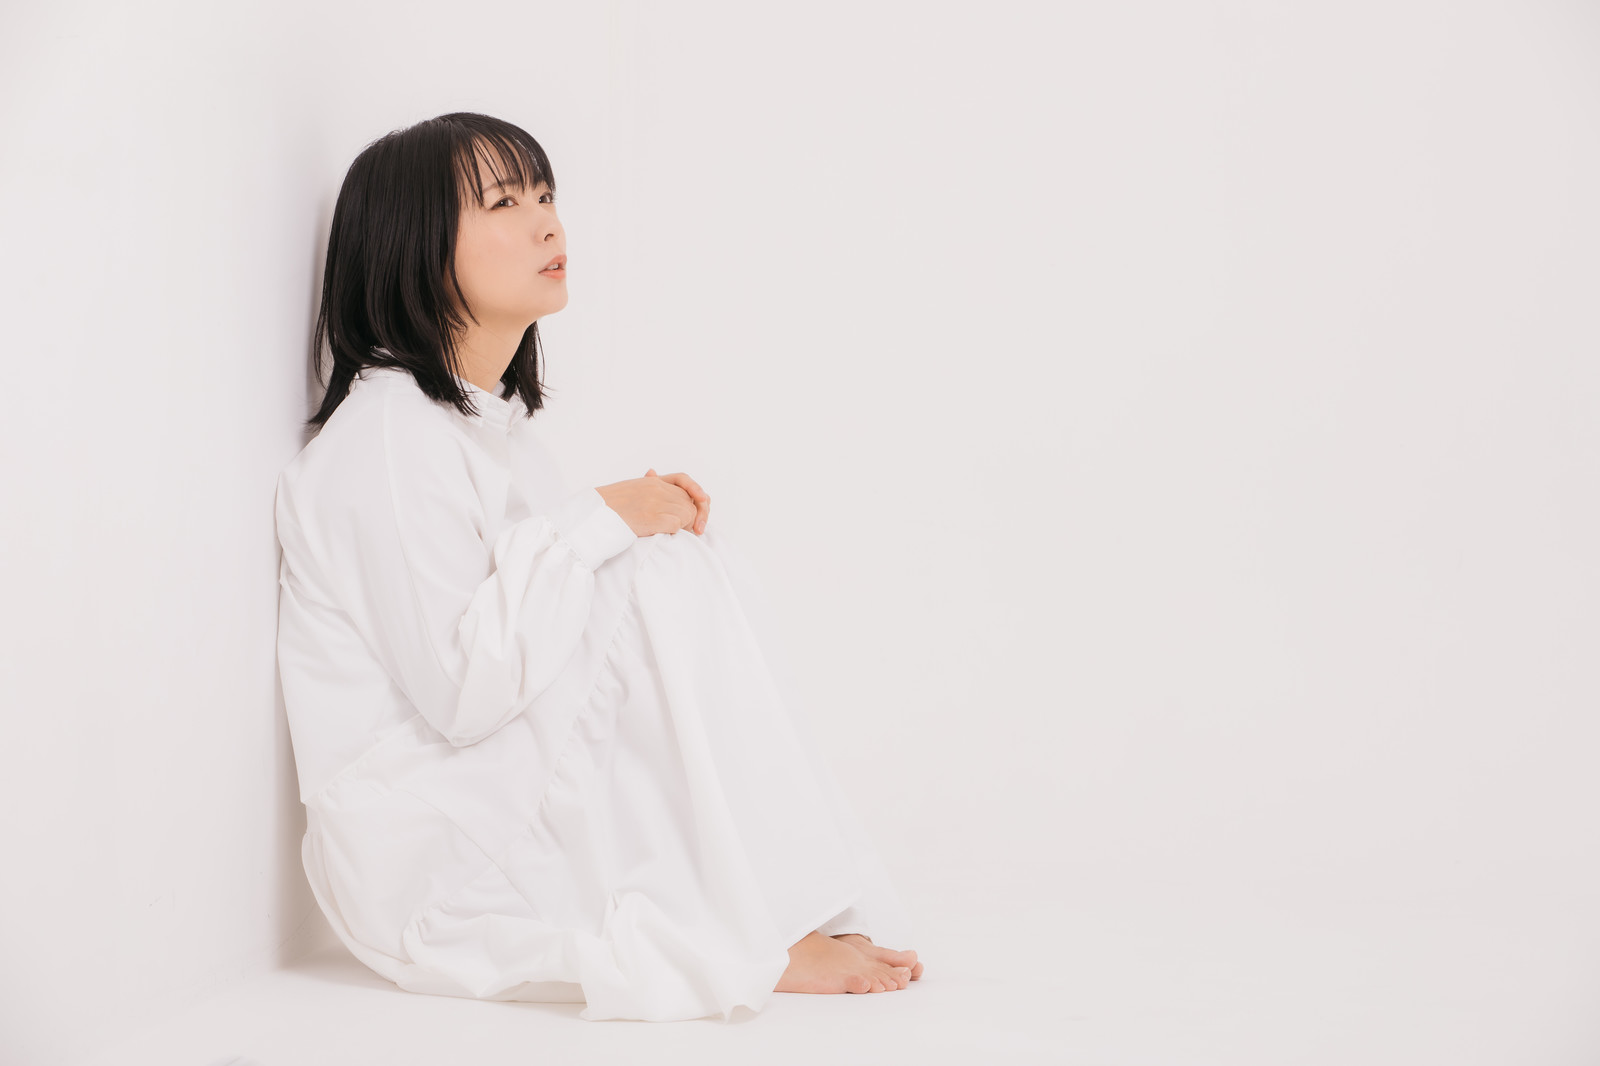 壁を背にしてパジャマ姿で天井を眺めている女性